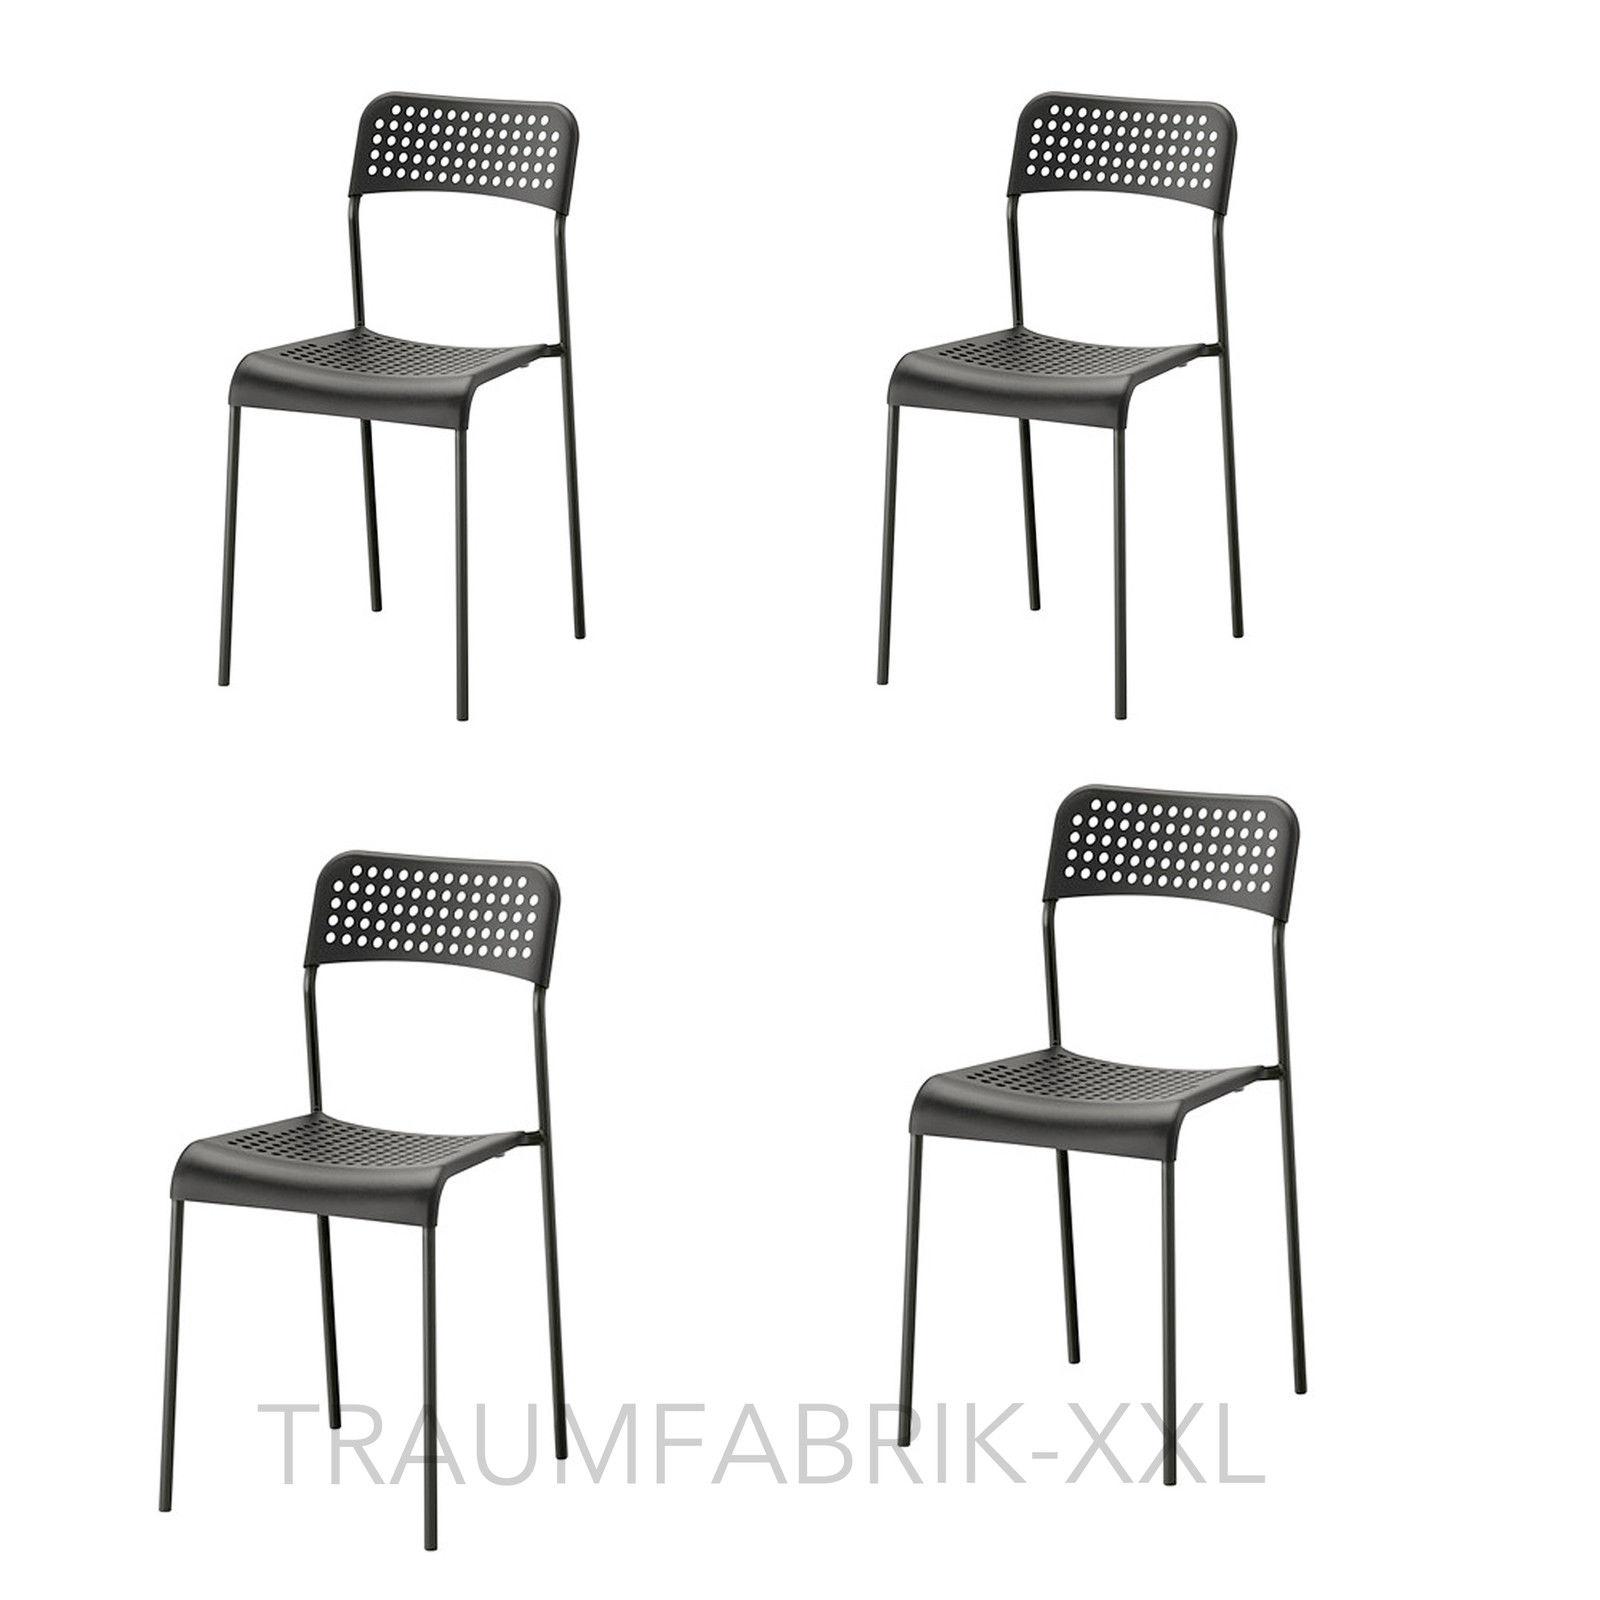 Exquisit Küchen Und Esszimmerstühle Dekoration Von 4x-schwarze-esszimmersthle-essgruppe-stuhlgruppe-sitzgruppe-kchen-stuhl-